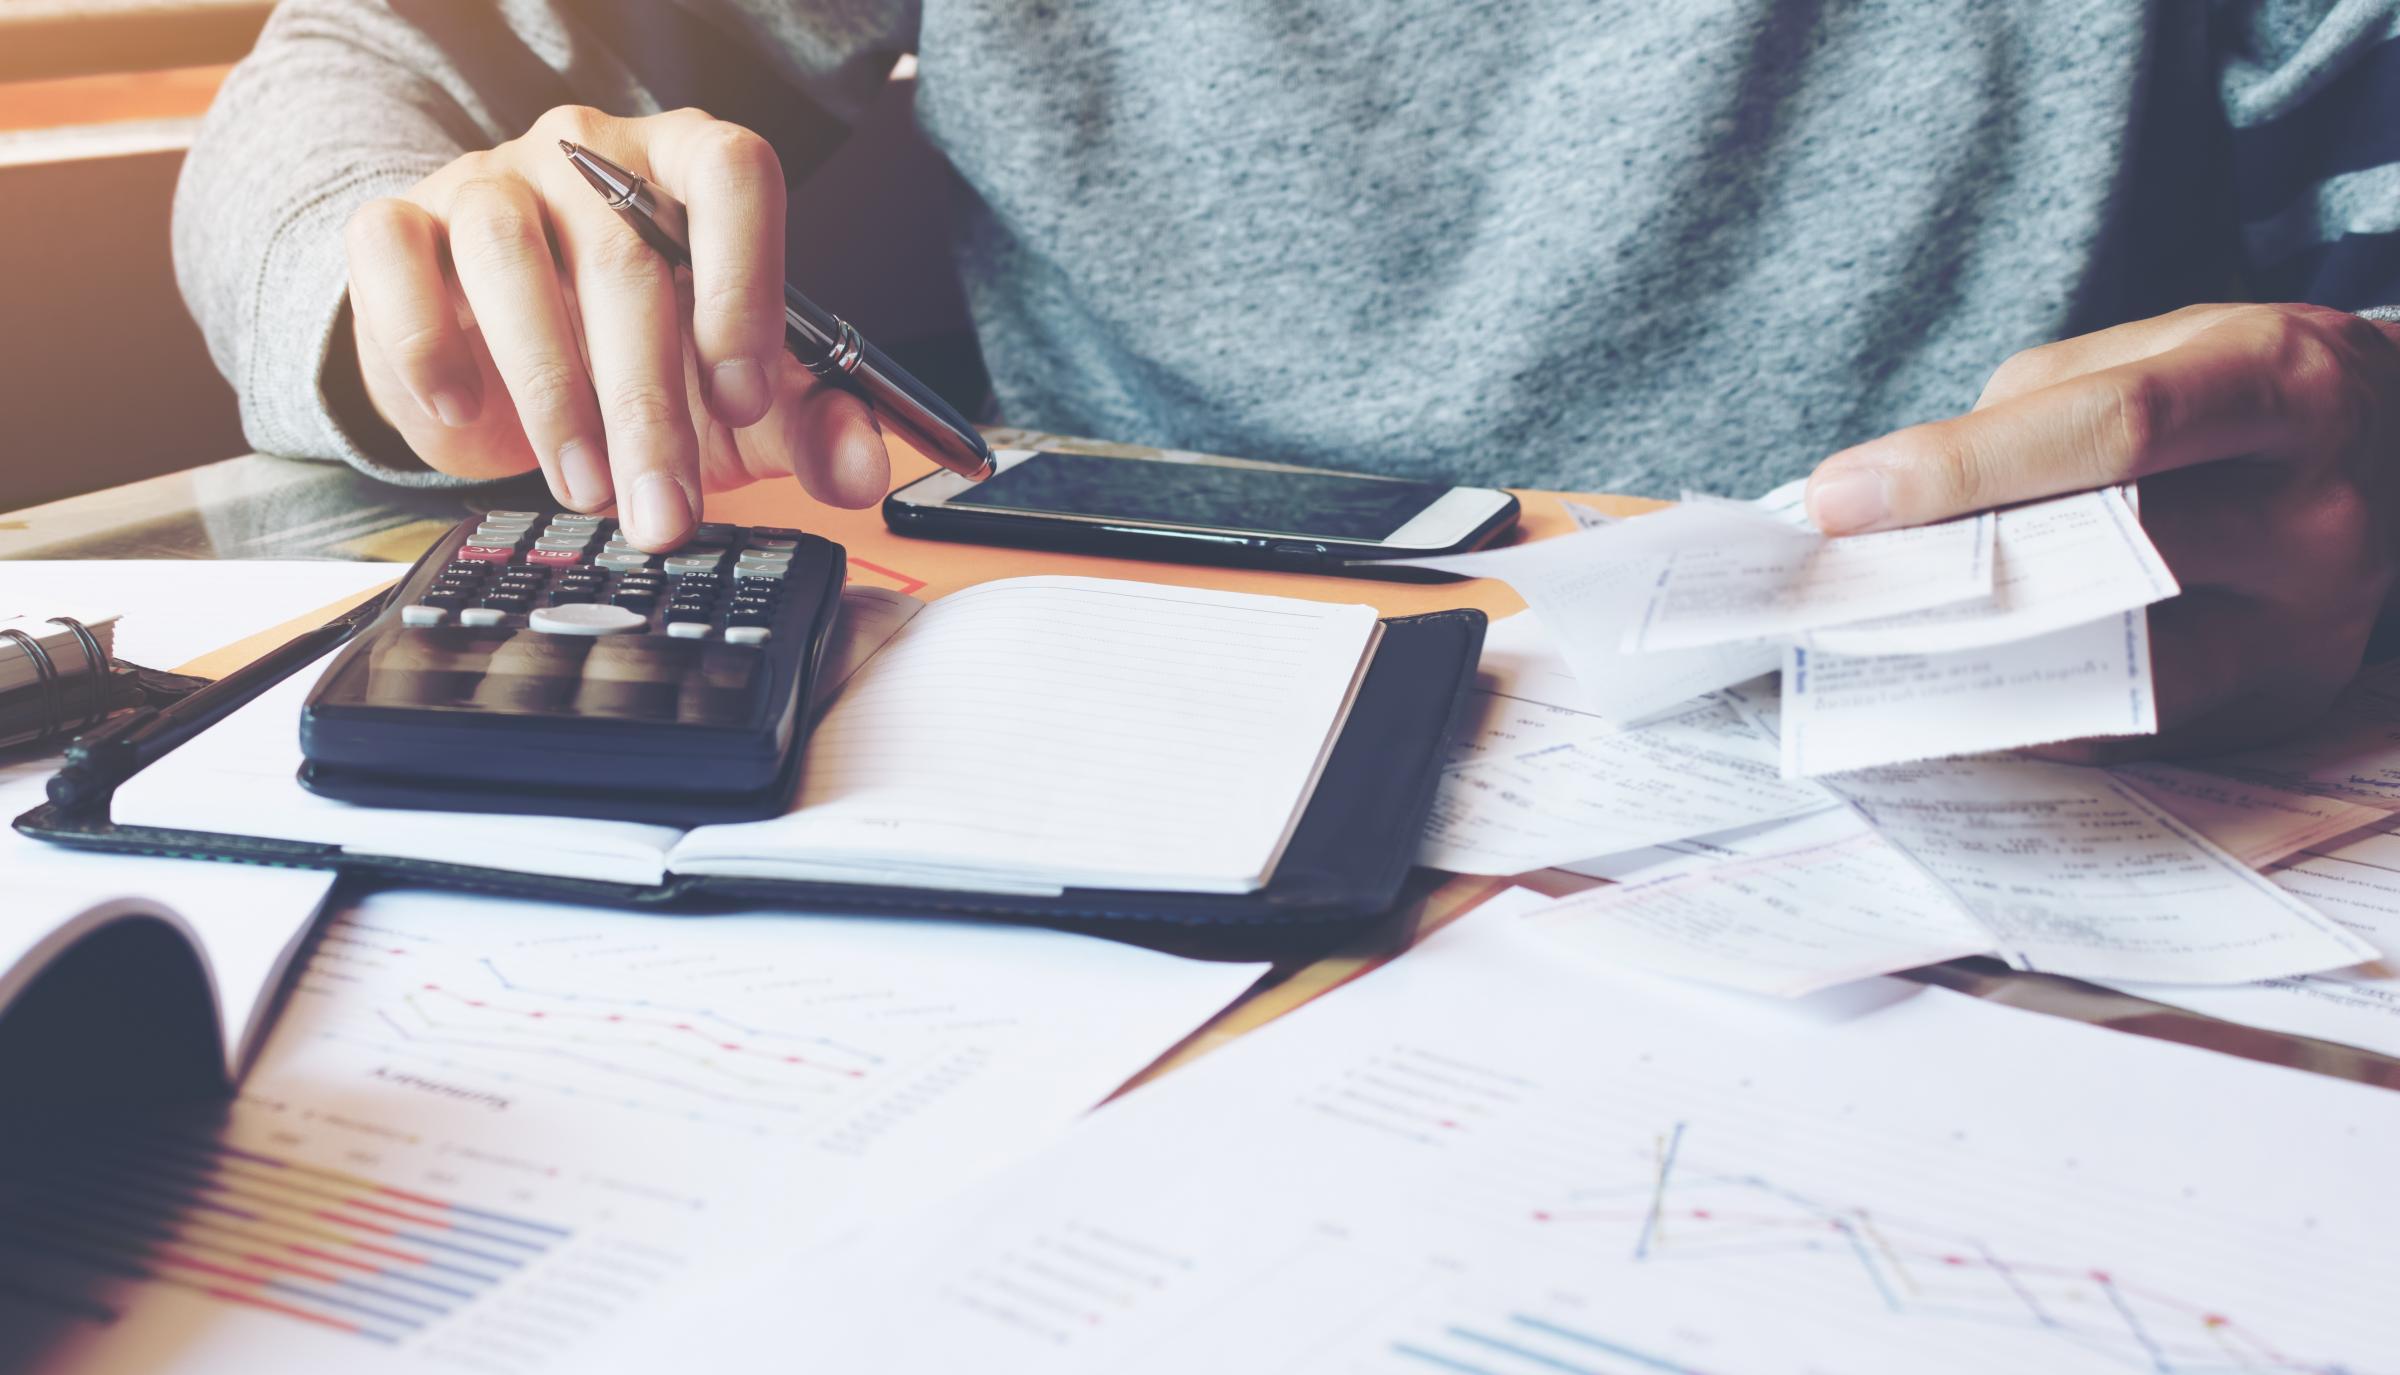 Yapılacak ilk ve en önemli şey, aylık harcamalarınızı takip etmektir.